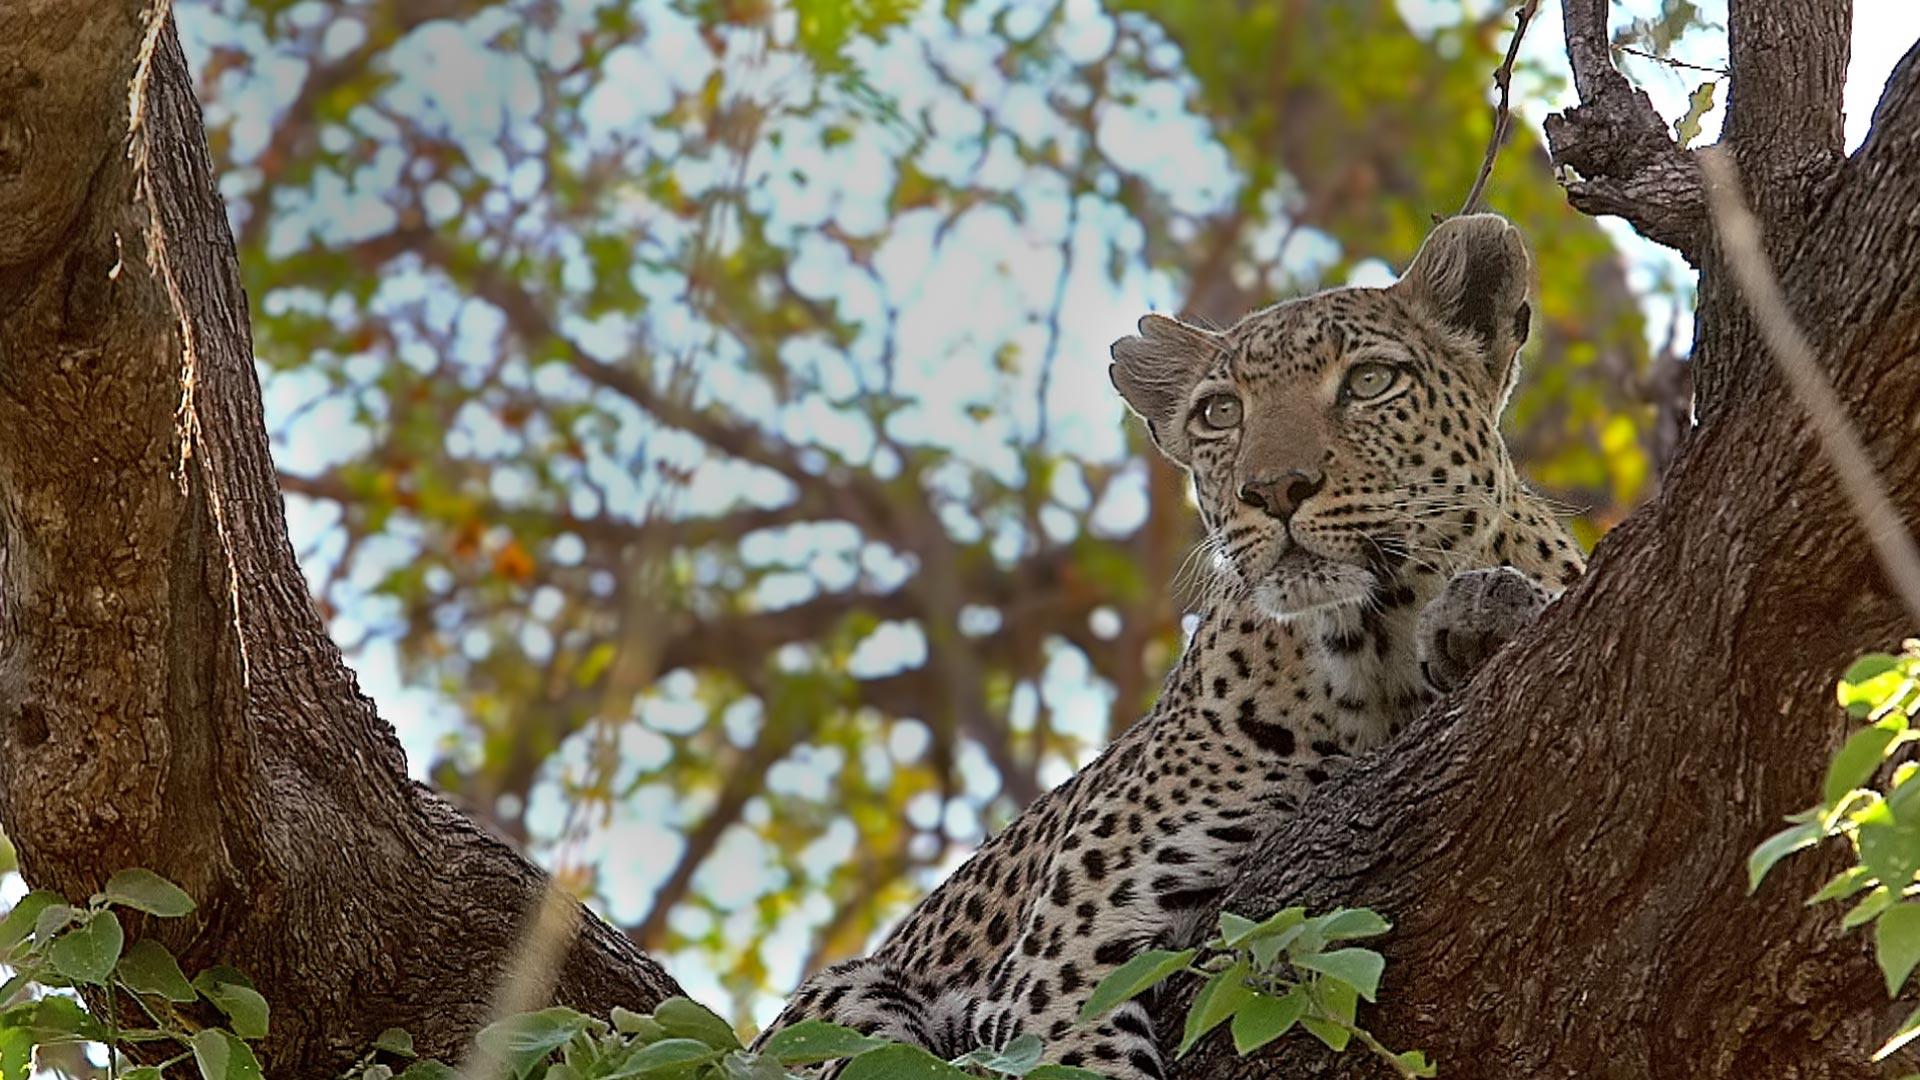 树上的豹图片素材